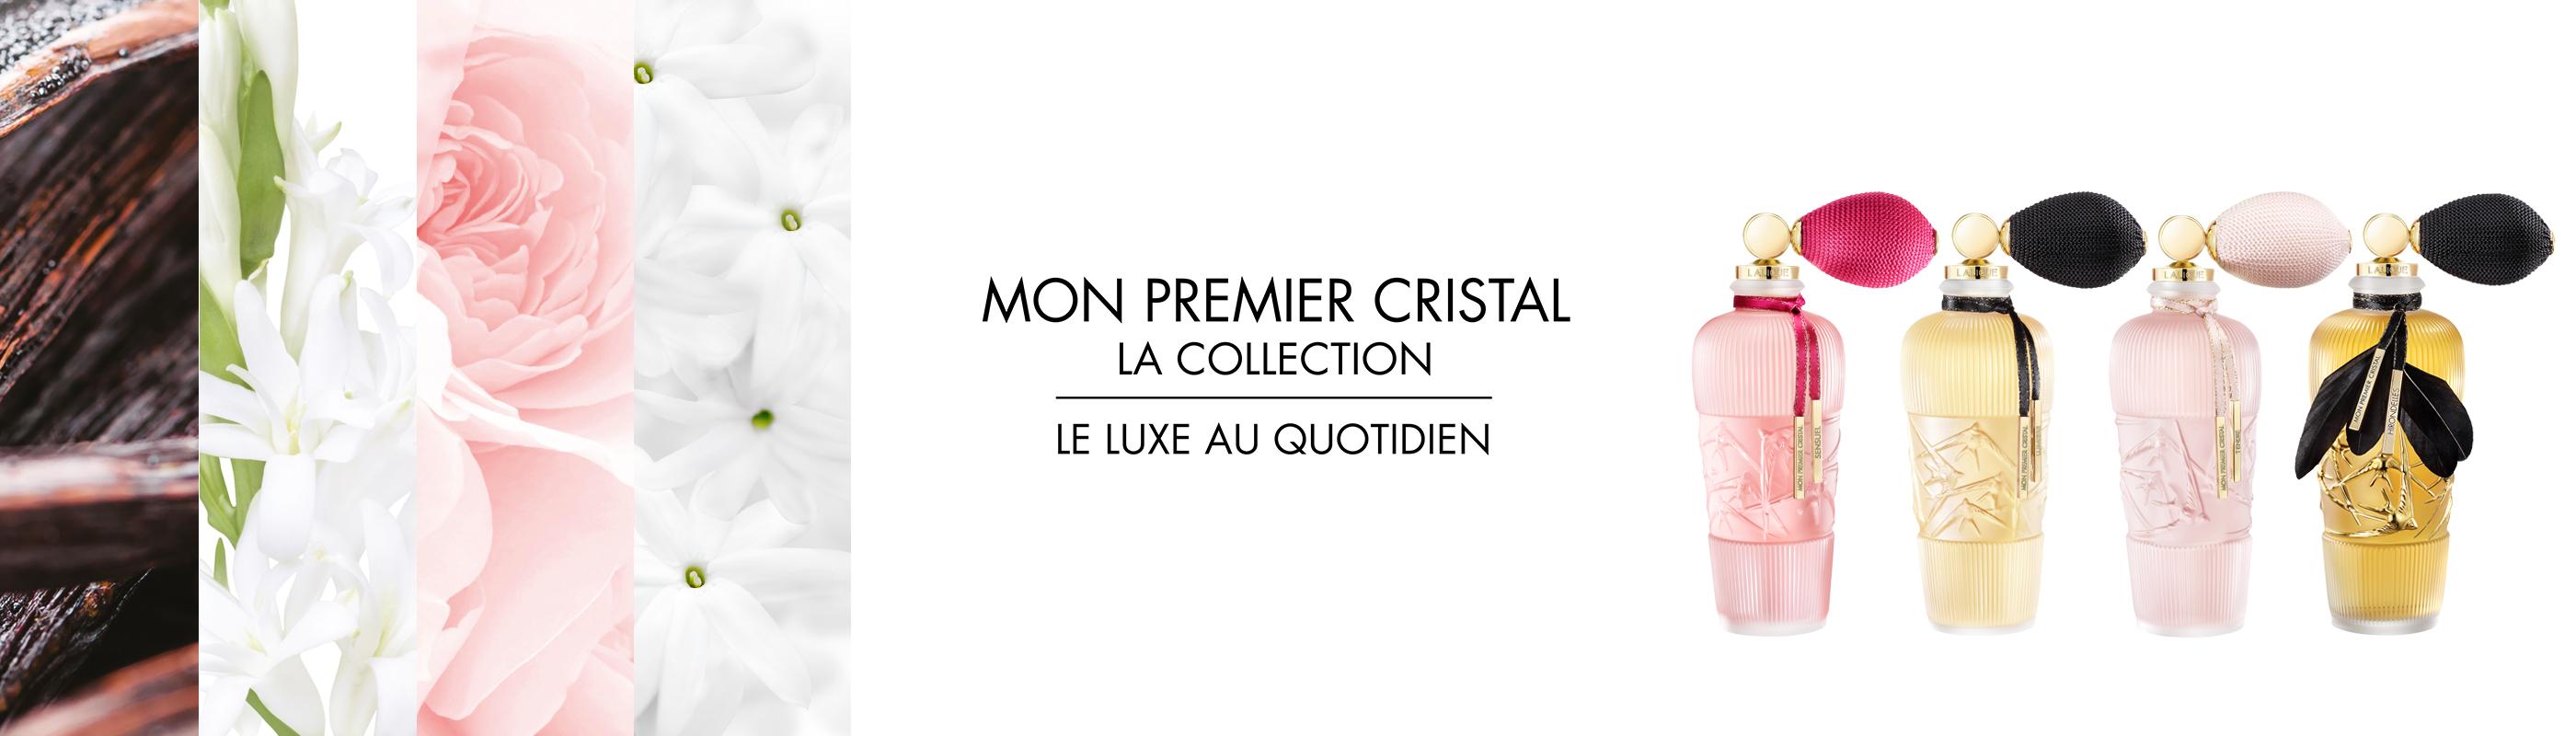 Mon Premier Cristal